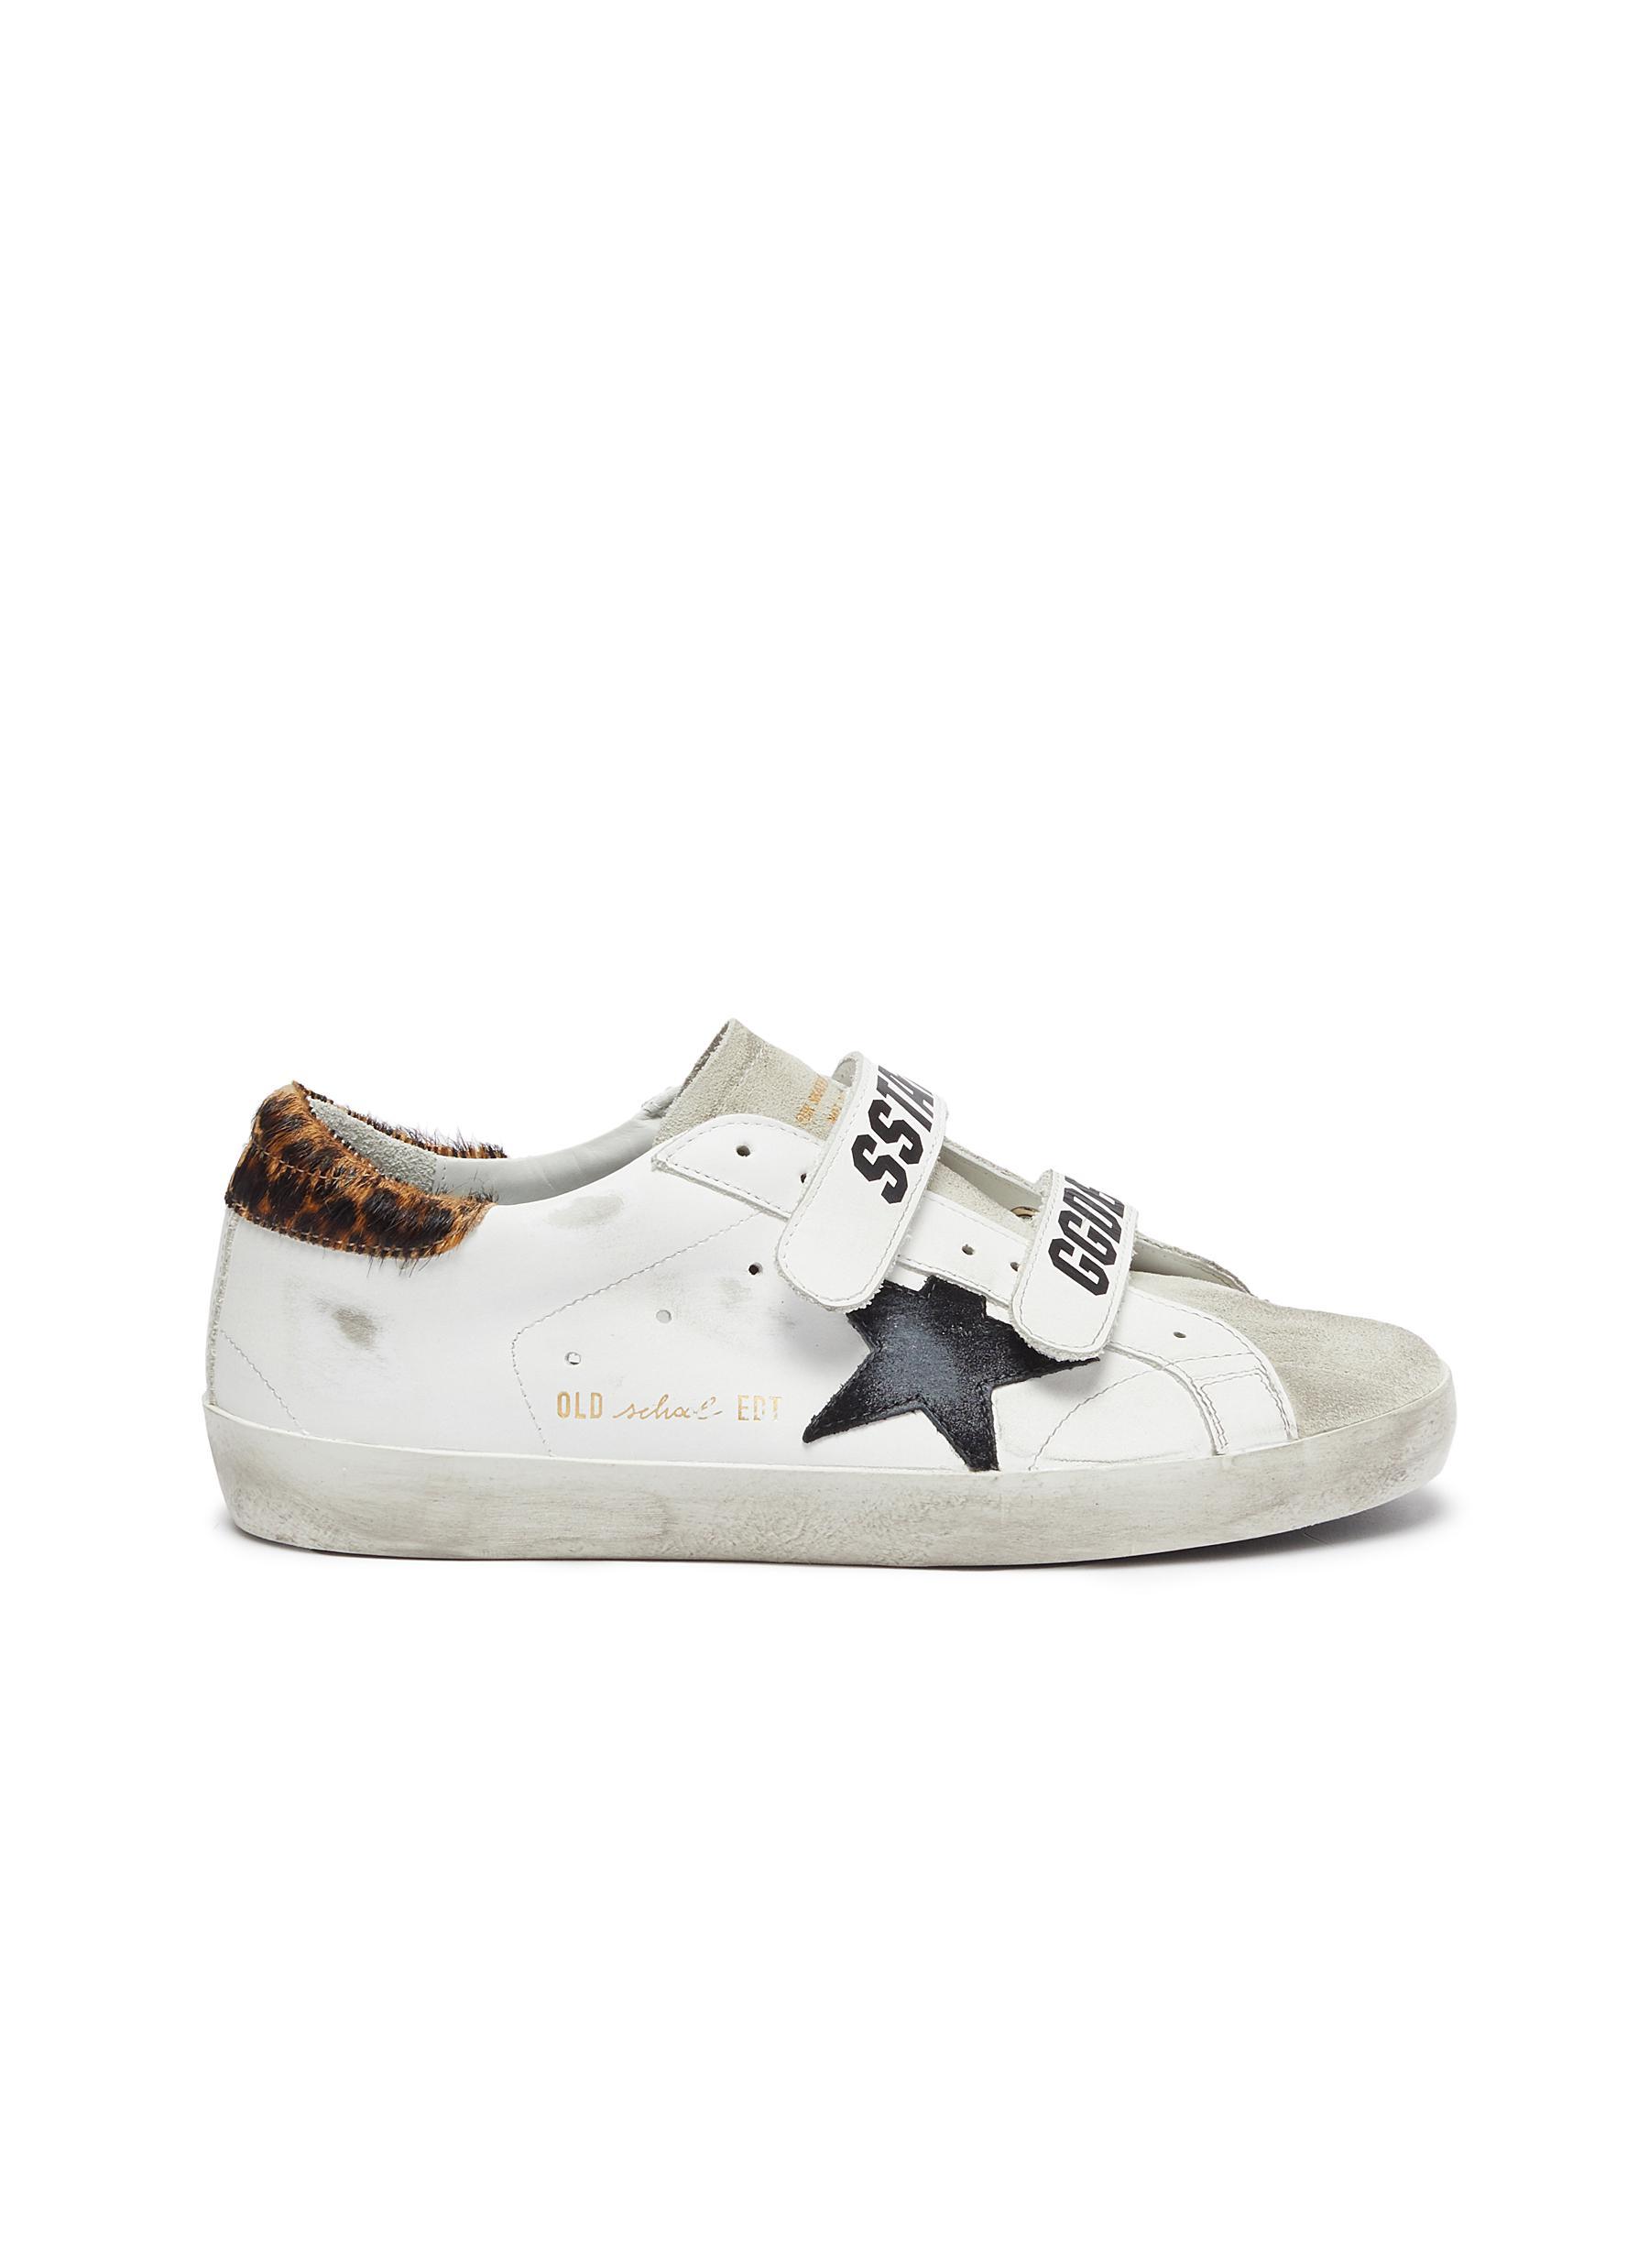 Golden Goose Sneakers Old School leopard panel slogan Velcro leather sneakers